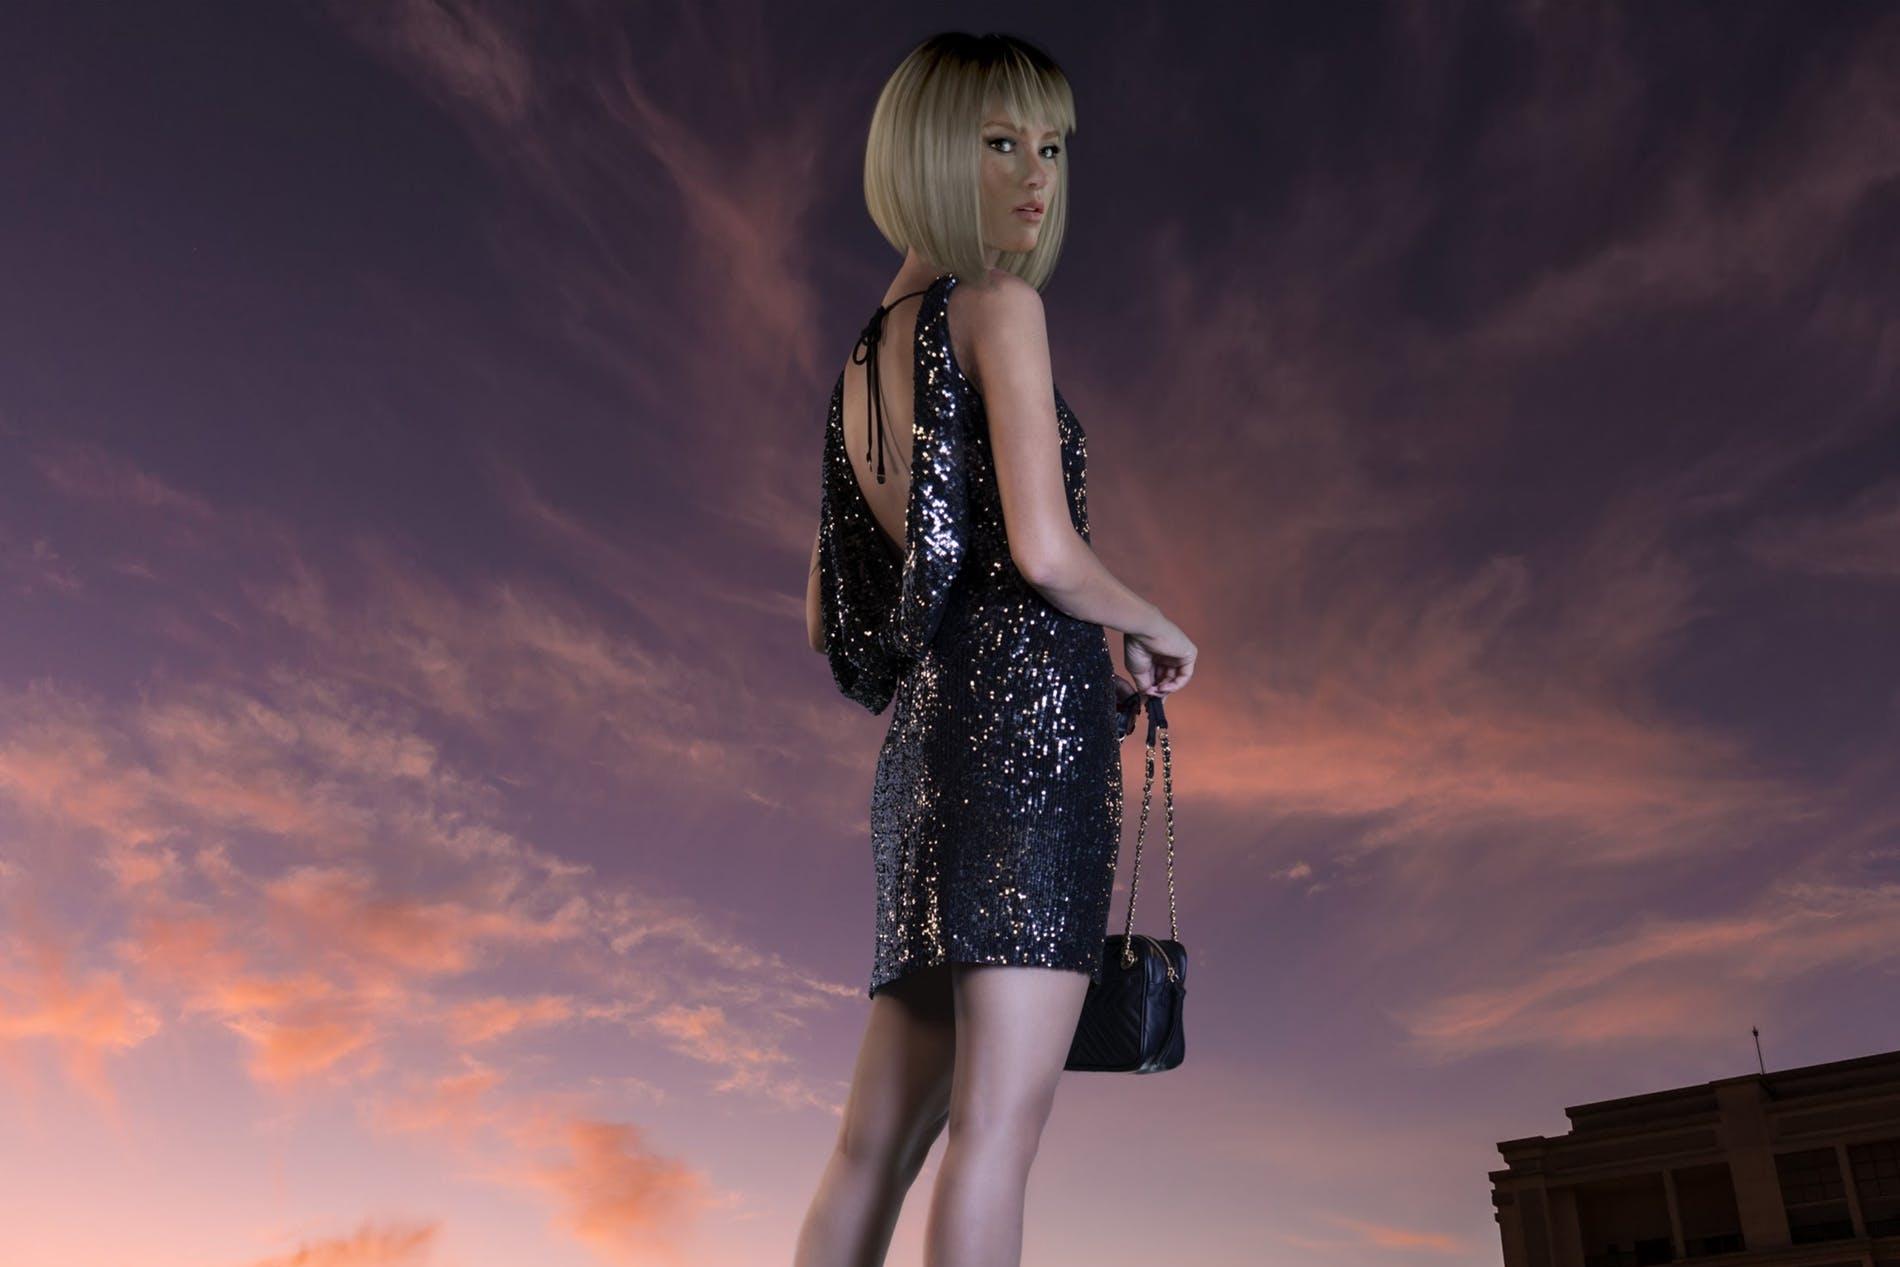 Imagem de Nova influenciadora digital brasileira de moda é uma... boneca virtual! no tecmundo